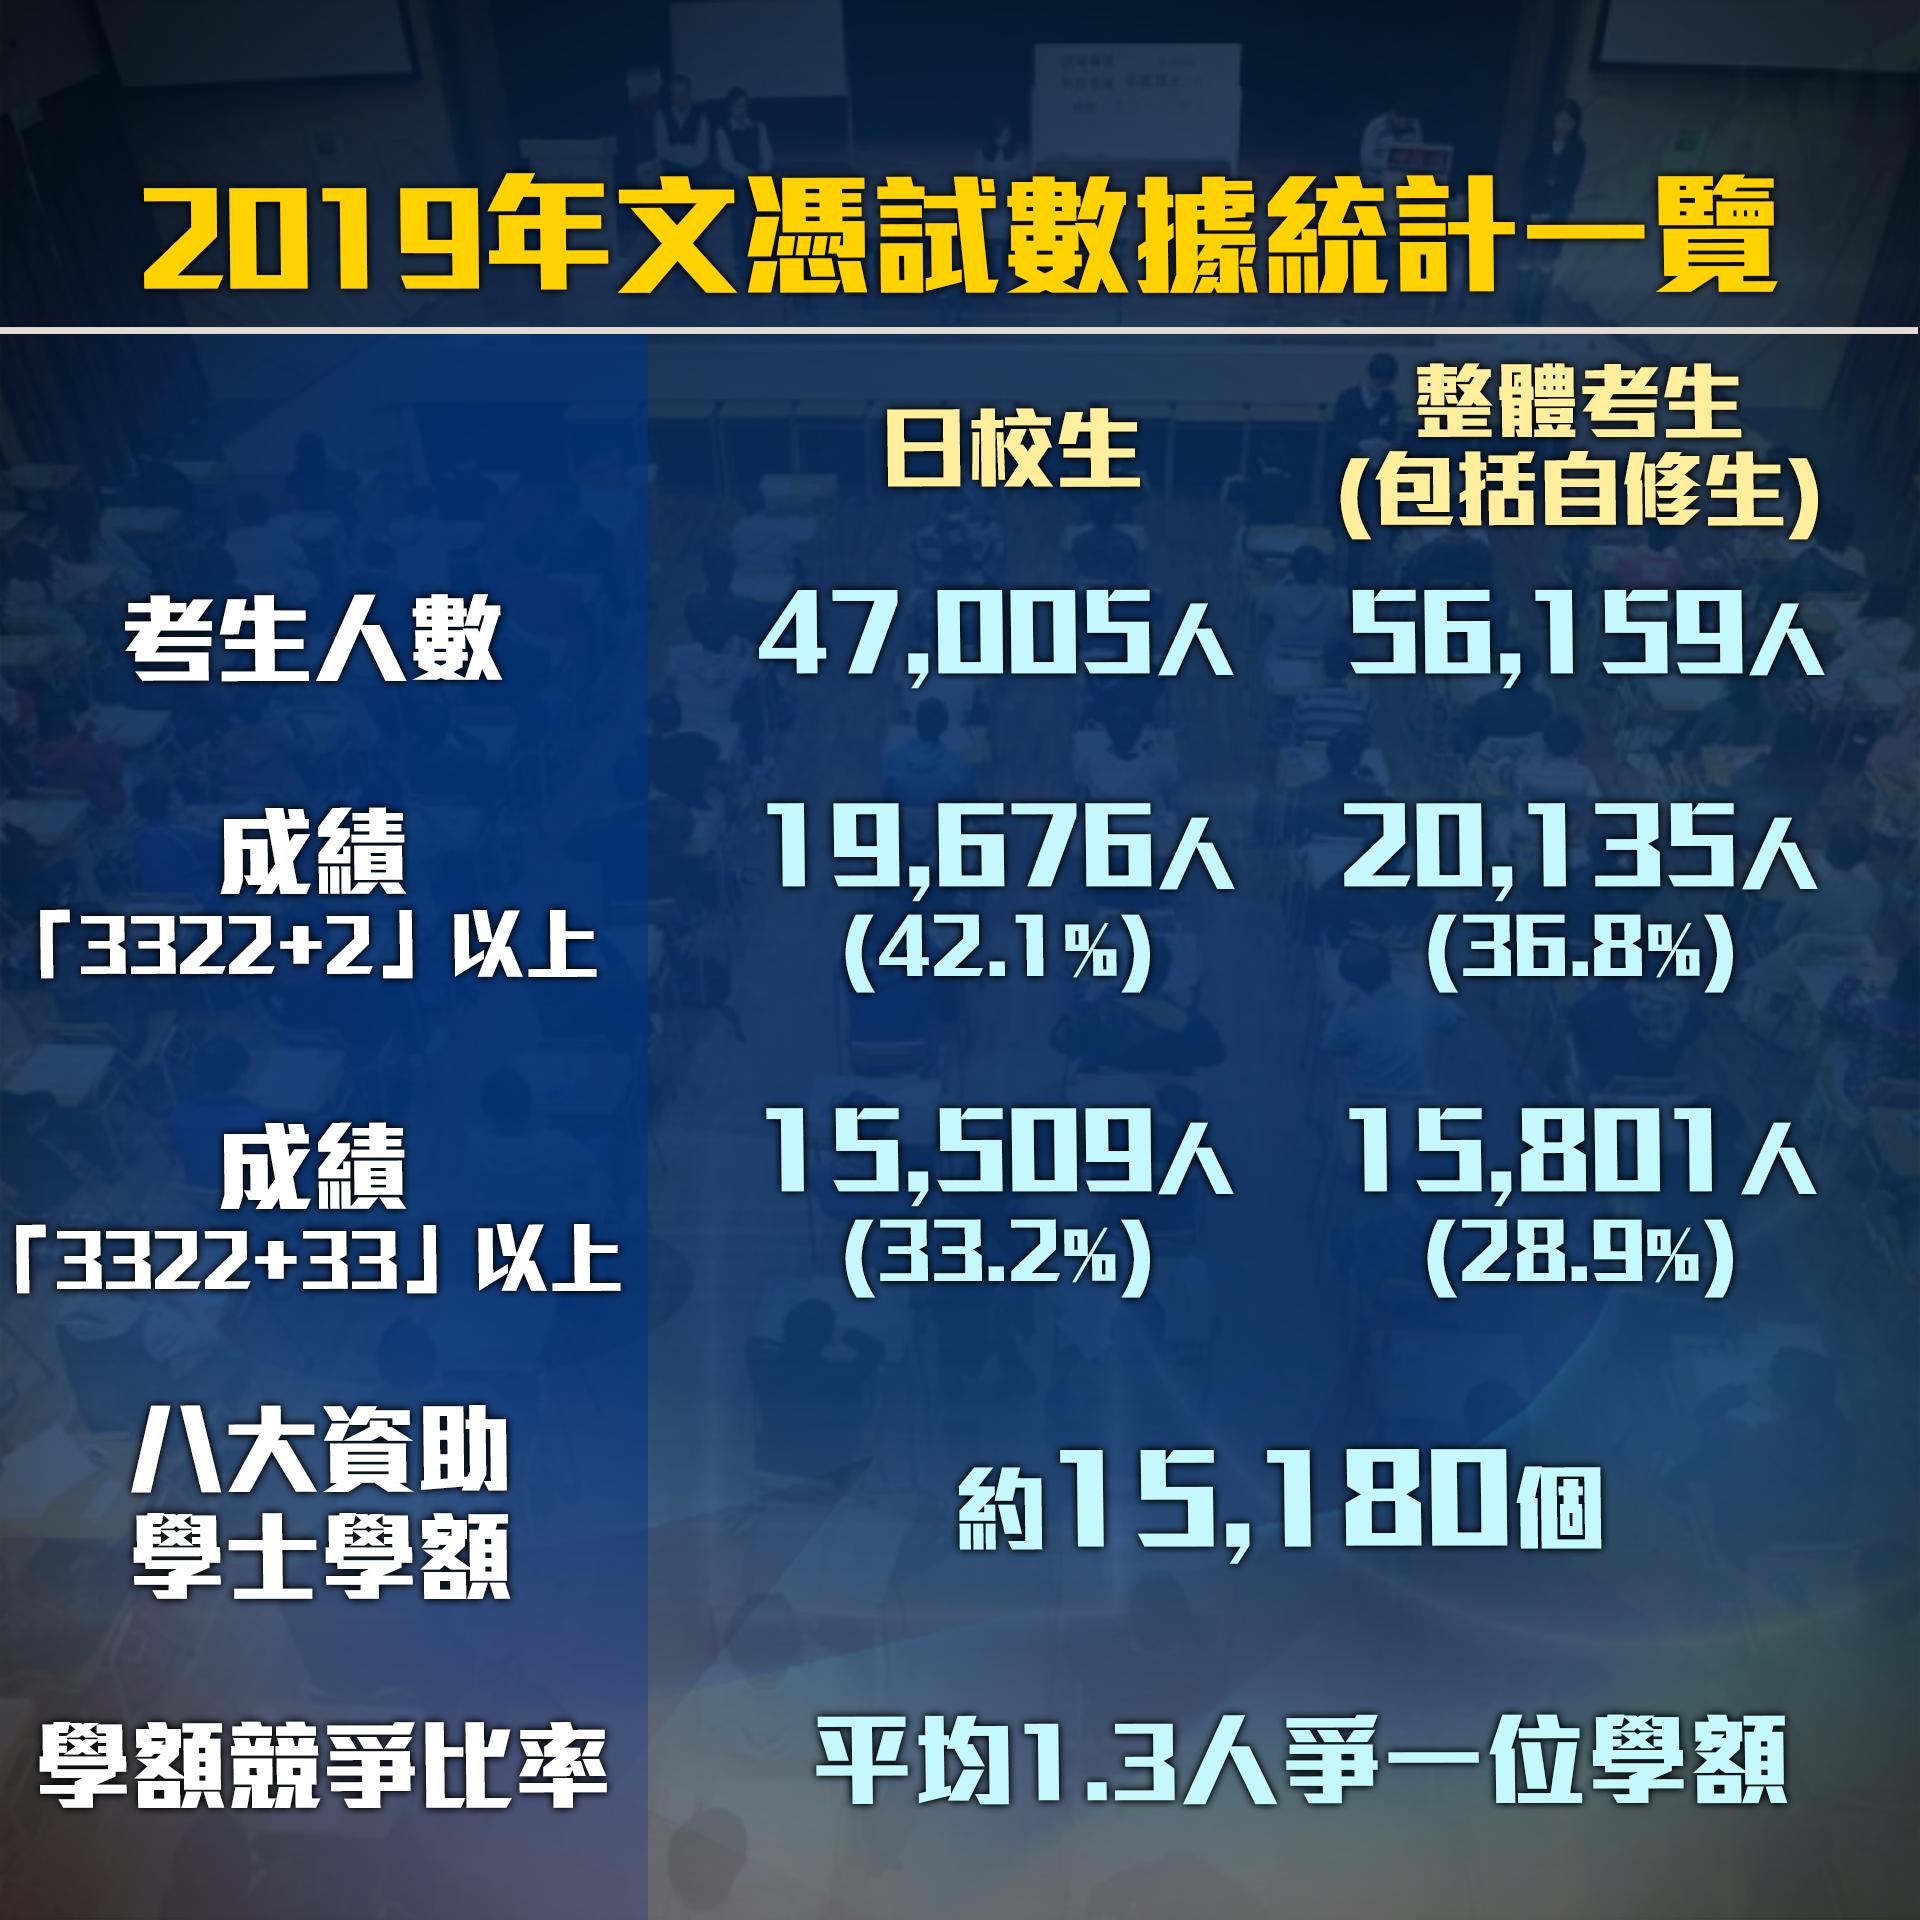 【DSE】2019年文憑試數據統計一覽